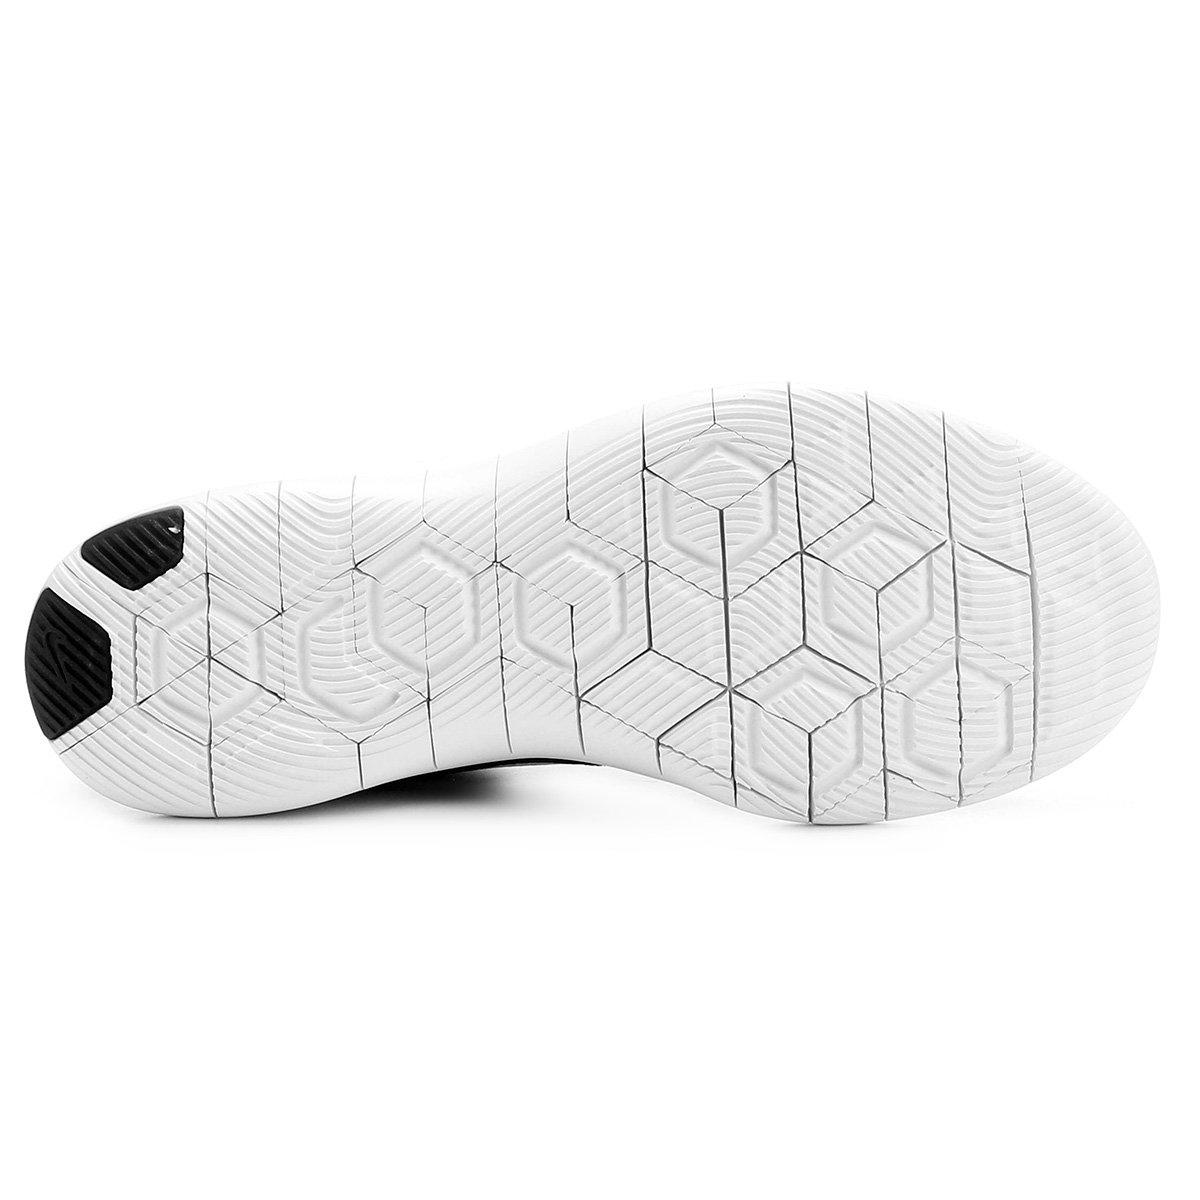 67af9139b5 ... Tênis Nike Flex Contact Feminino - Preto e Grafite - Compre Agora .